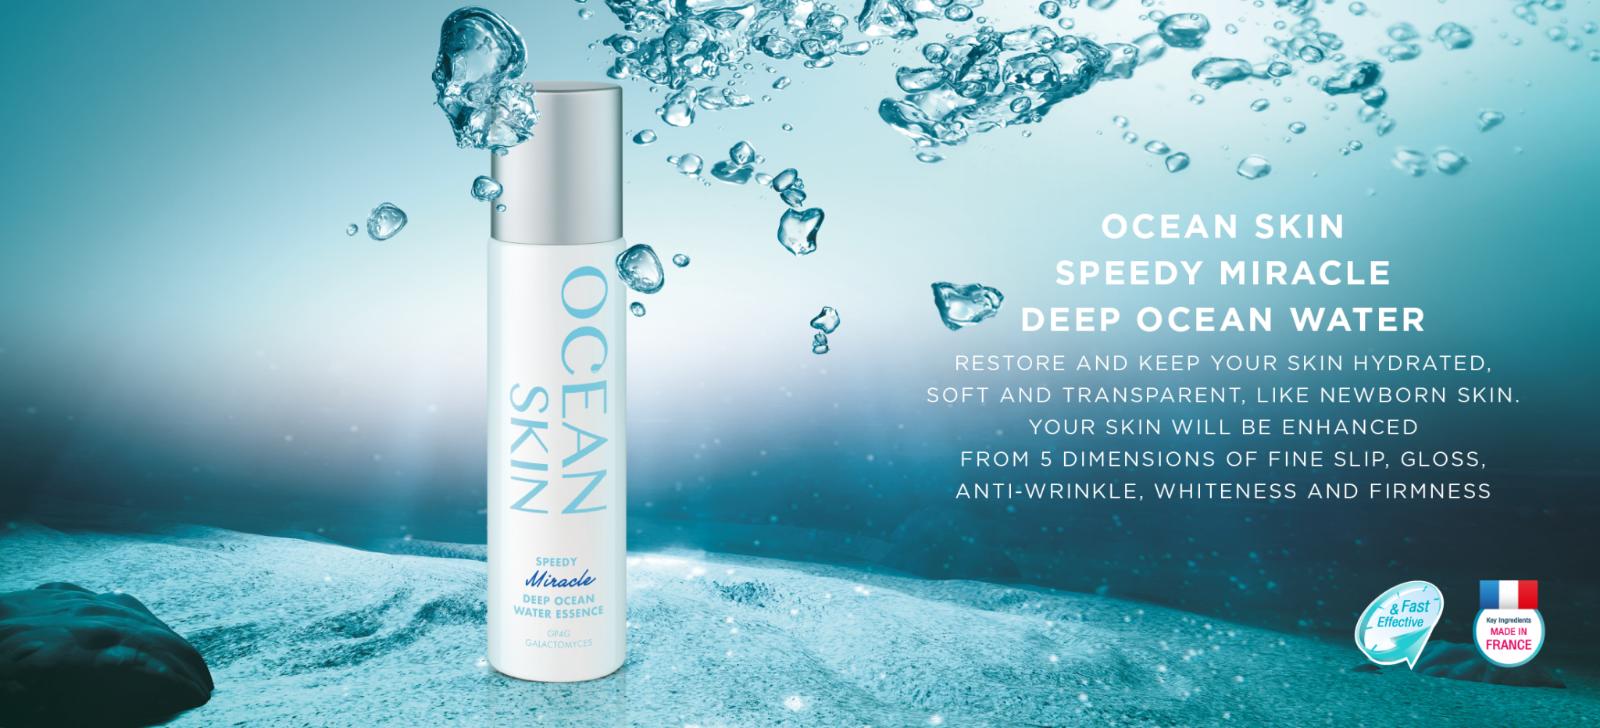 150ml : Ocean Skin Speedy Miracle Deep Ocean Water Essence